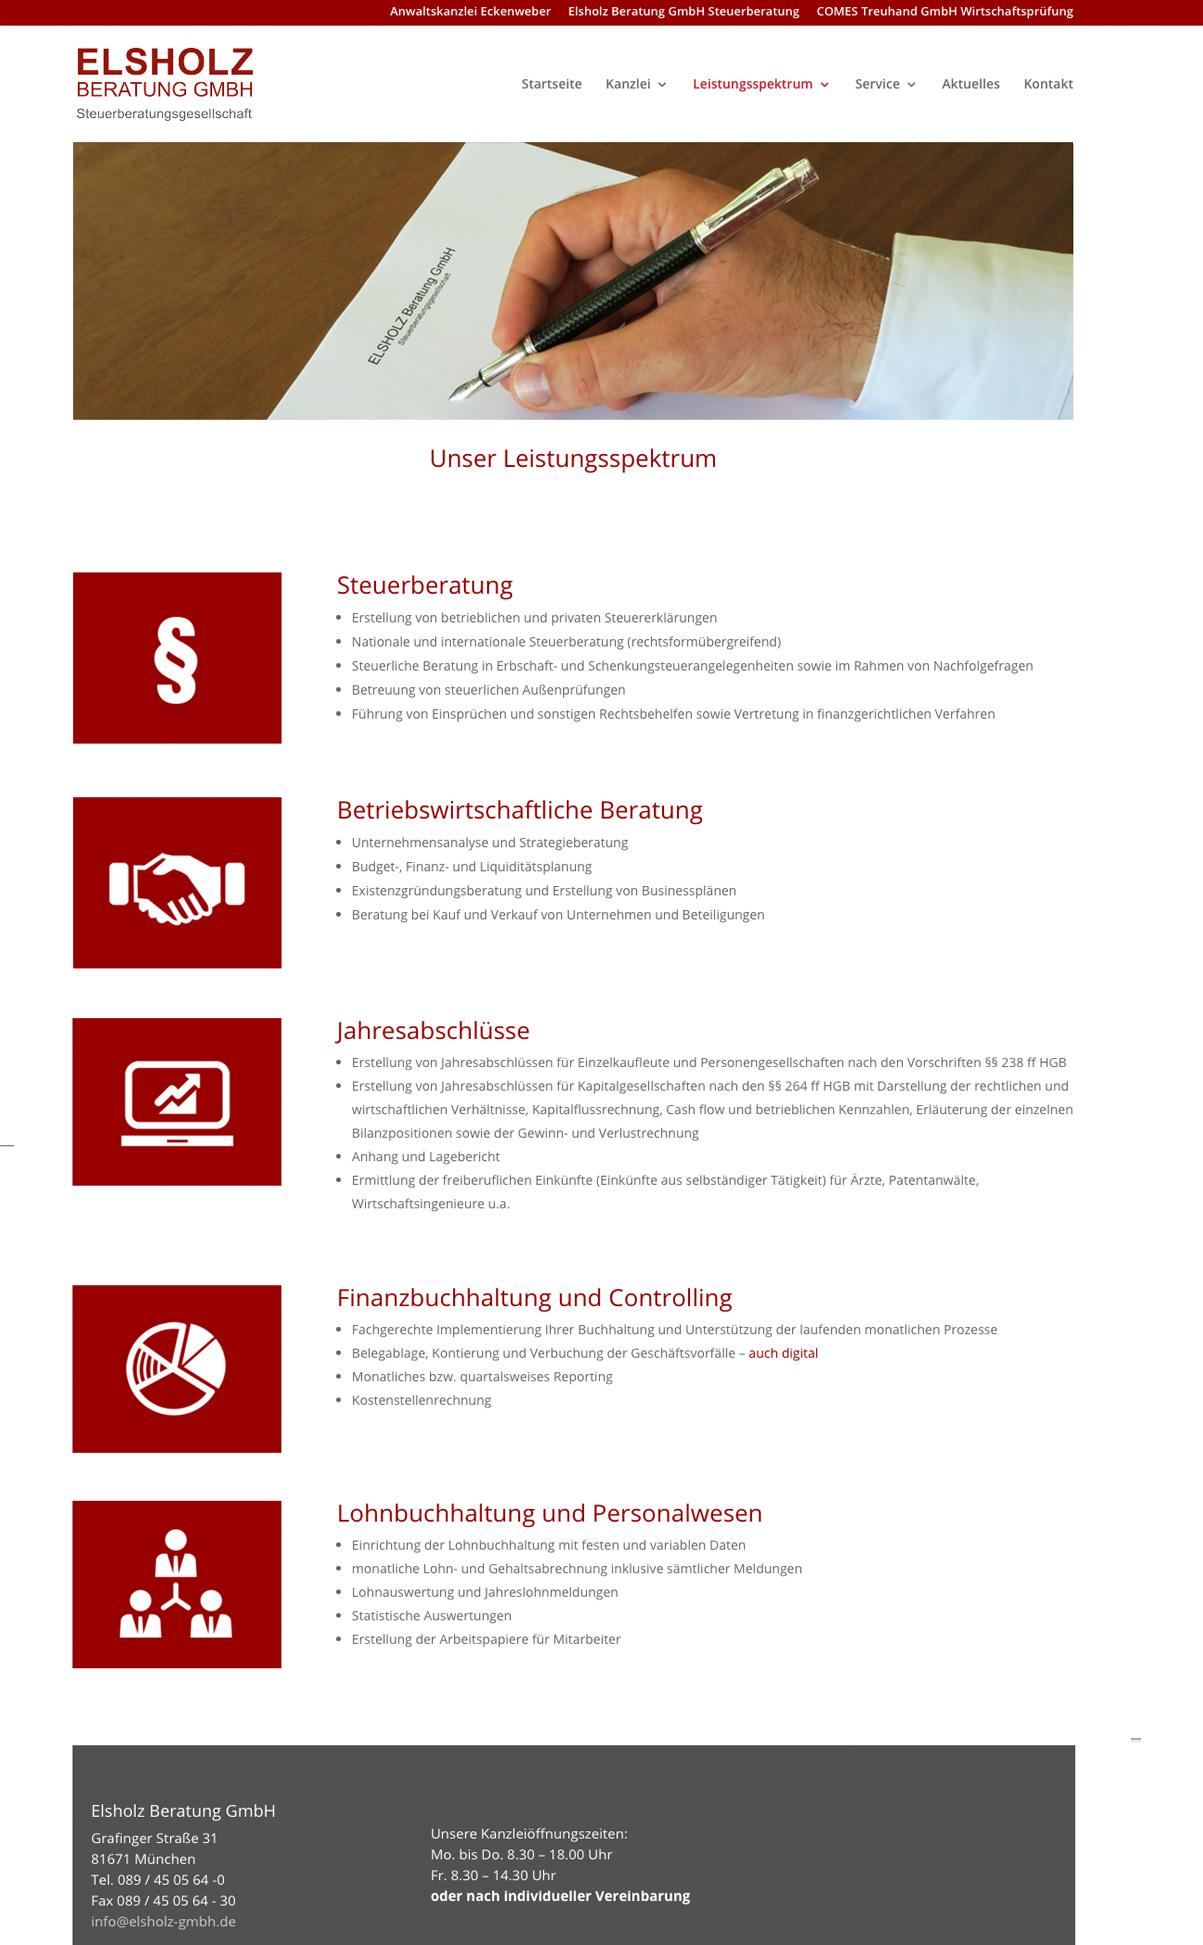 punktneun-Elsholz-GmbH-Webseite-Steuerkanzlei-Leistungen